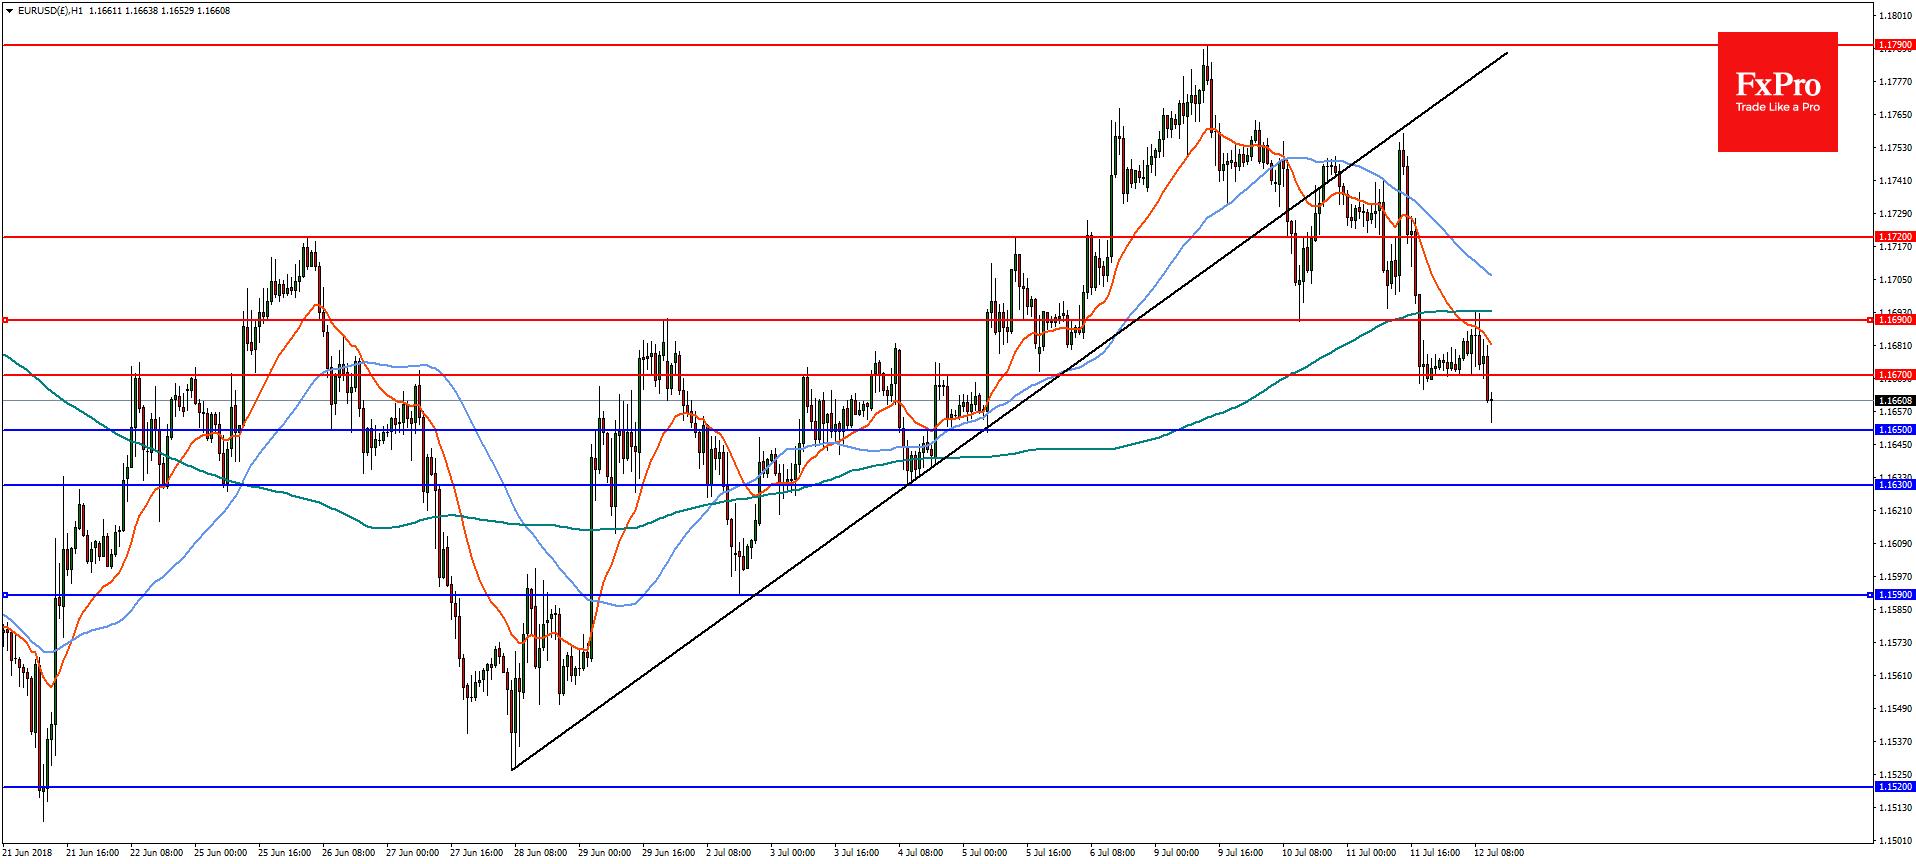 EURUSD and Gold Analysis